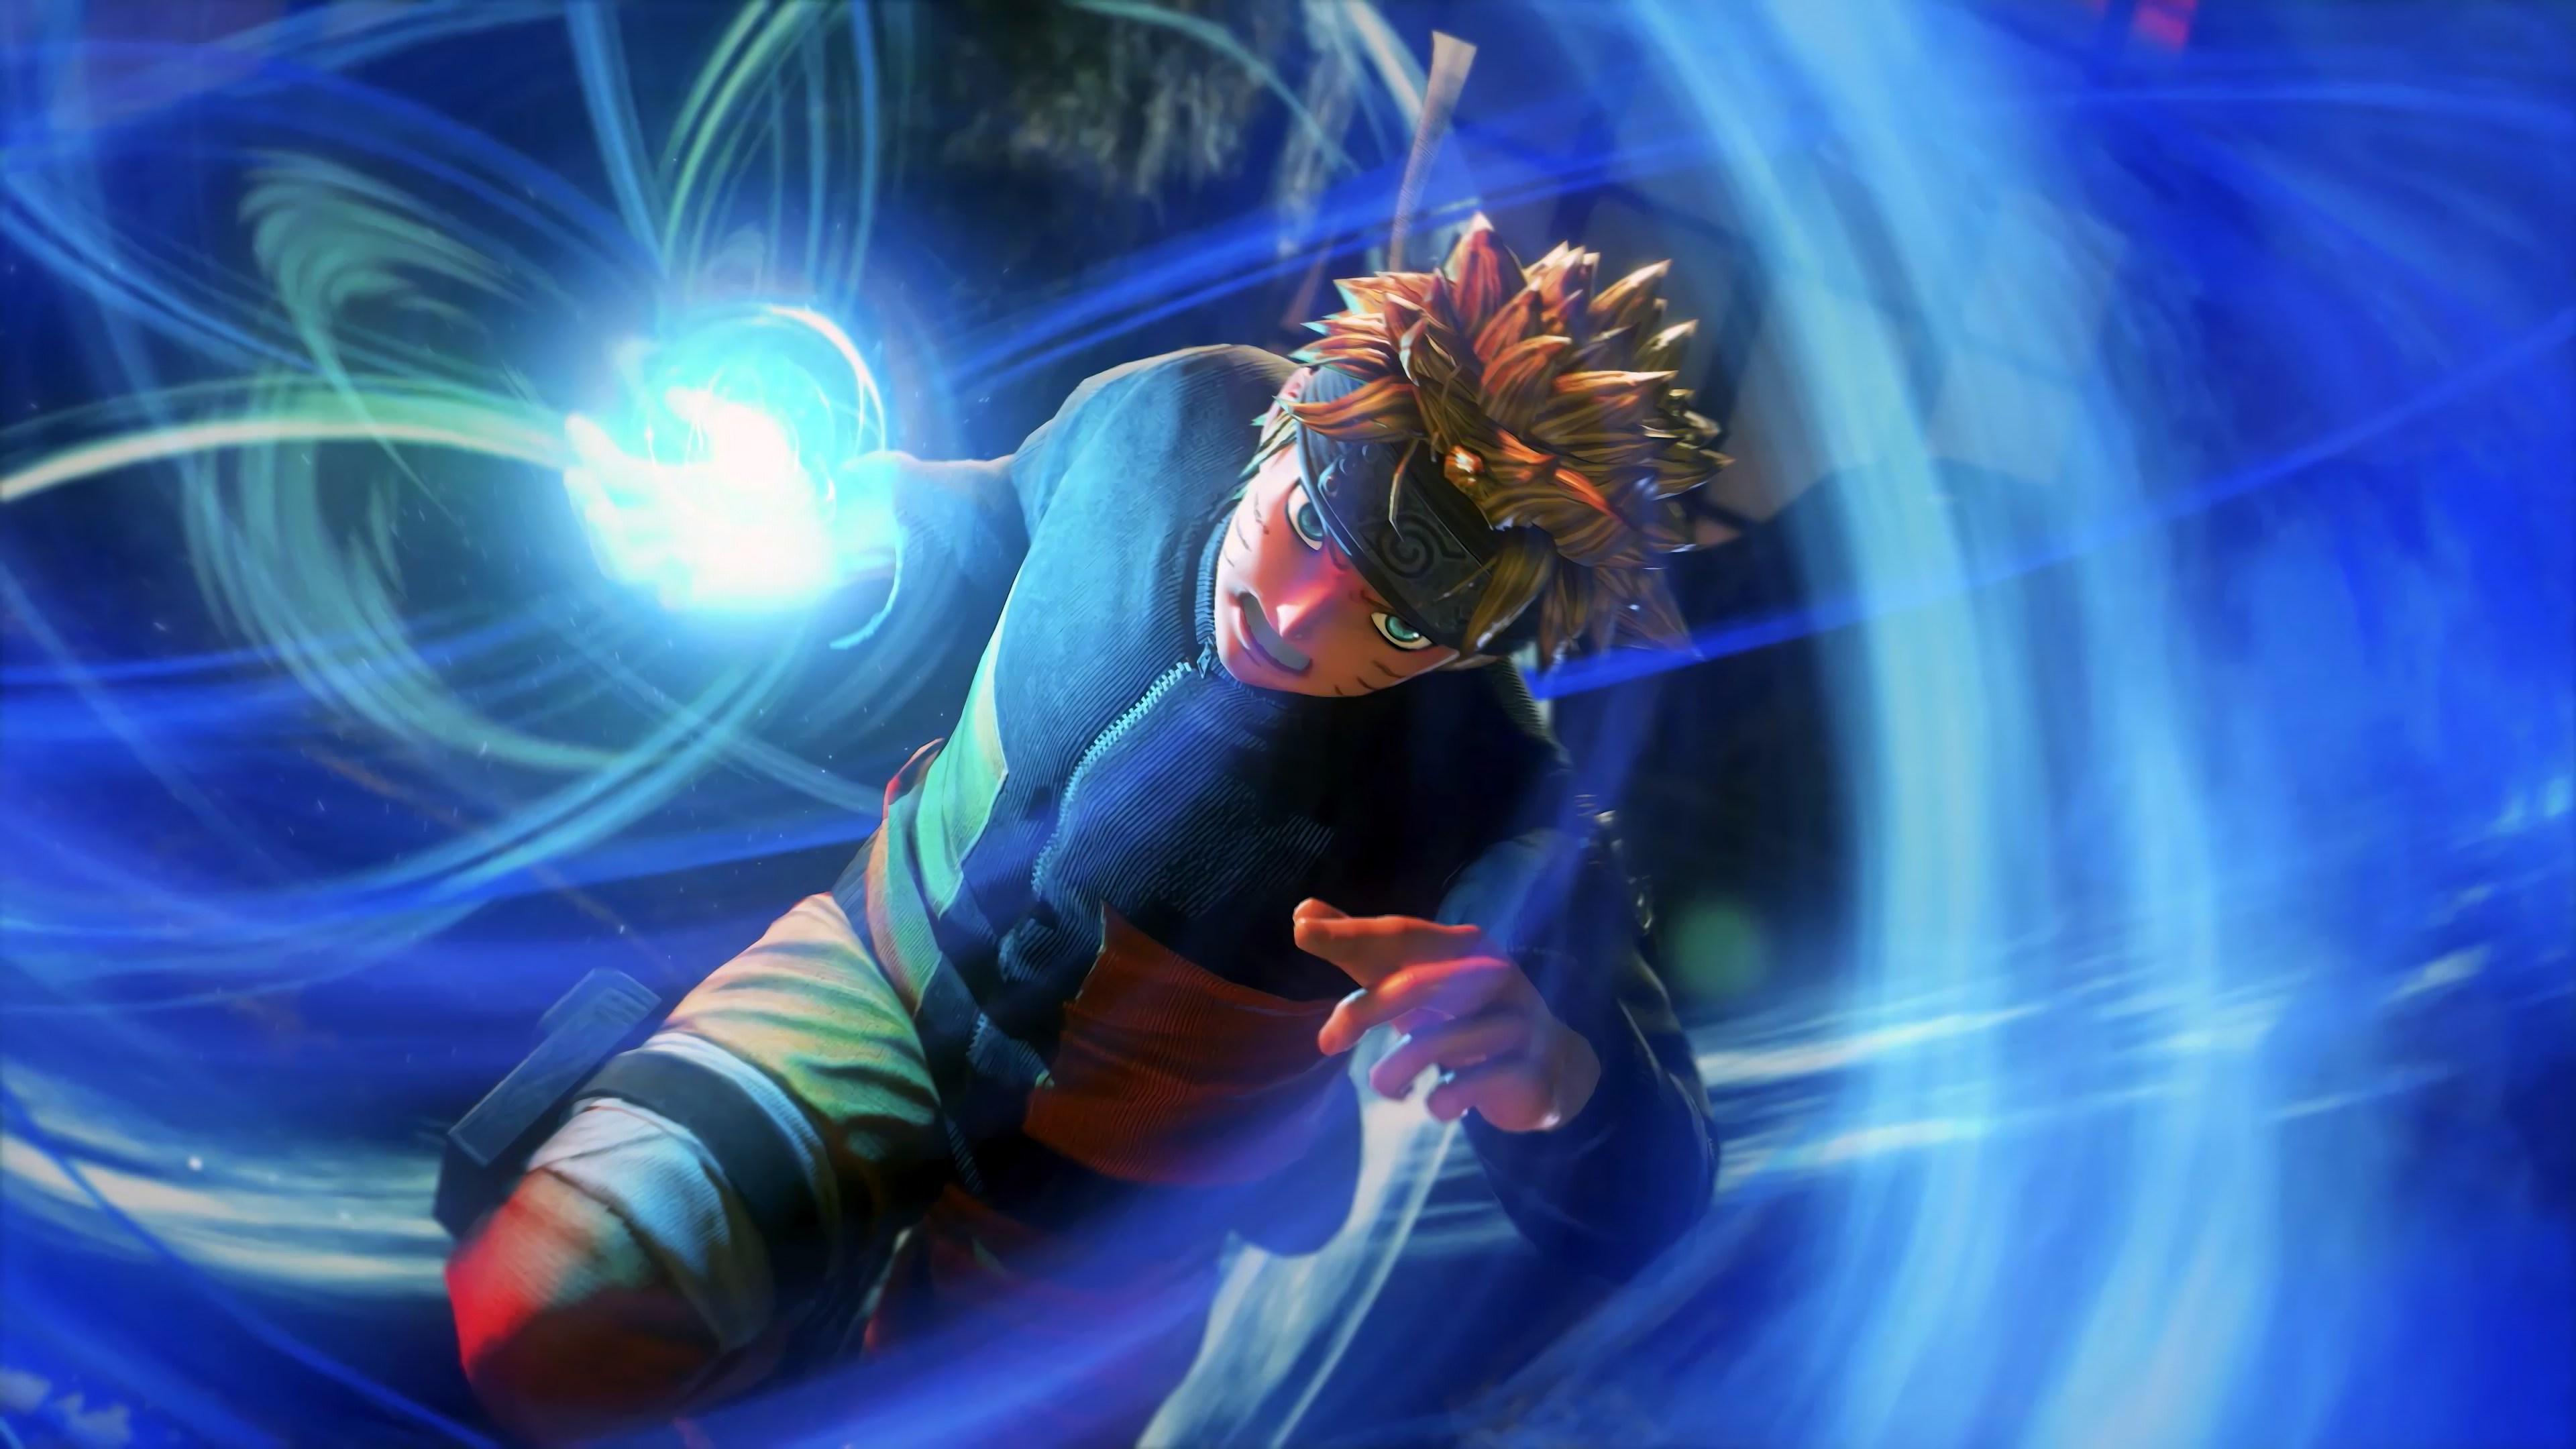 Naruto in Jump Force Wallpaper 4k Ultra HD ID3711